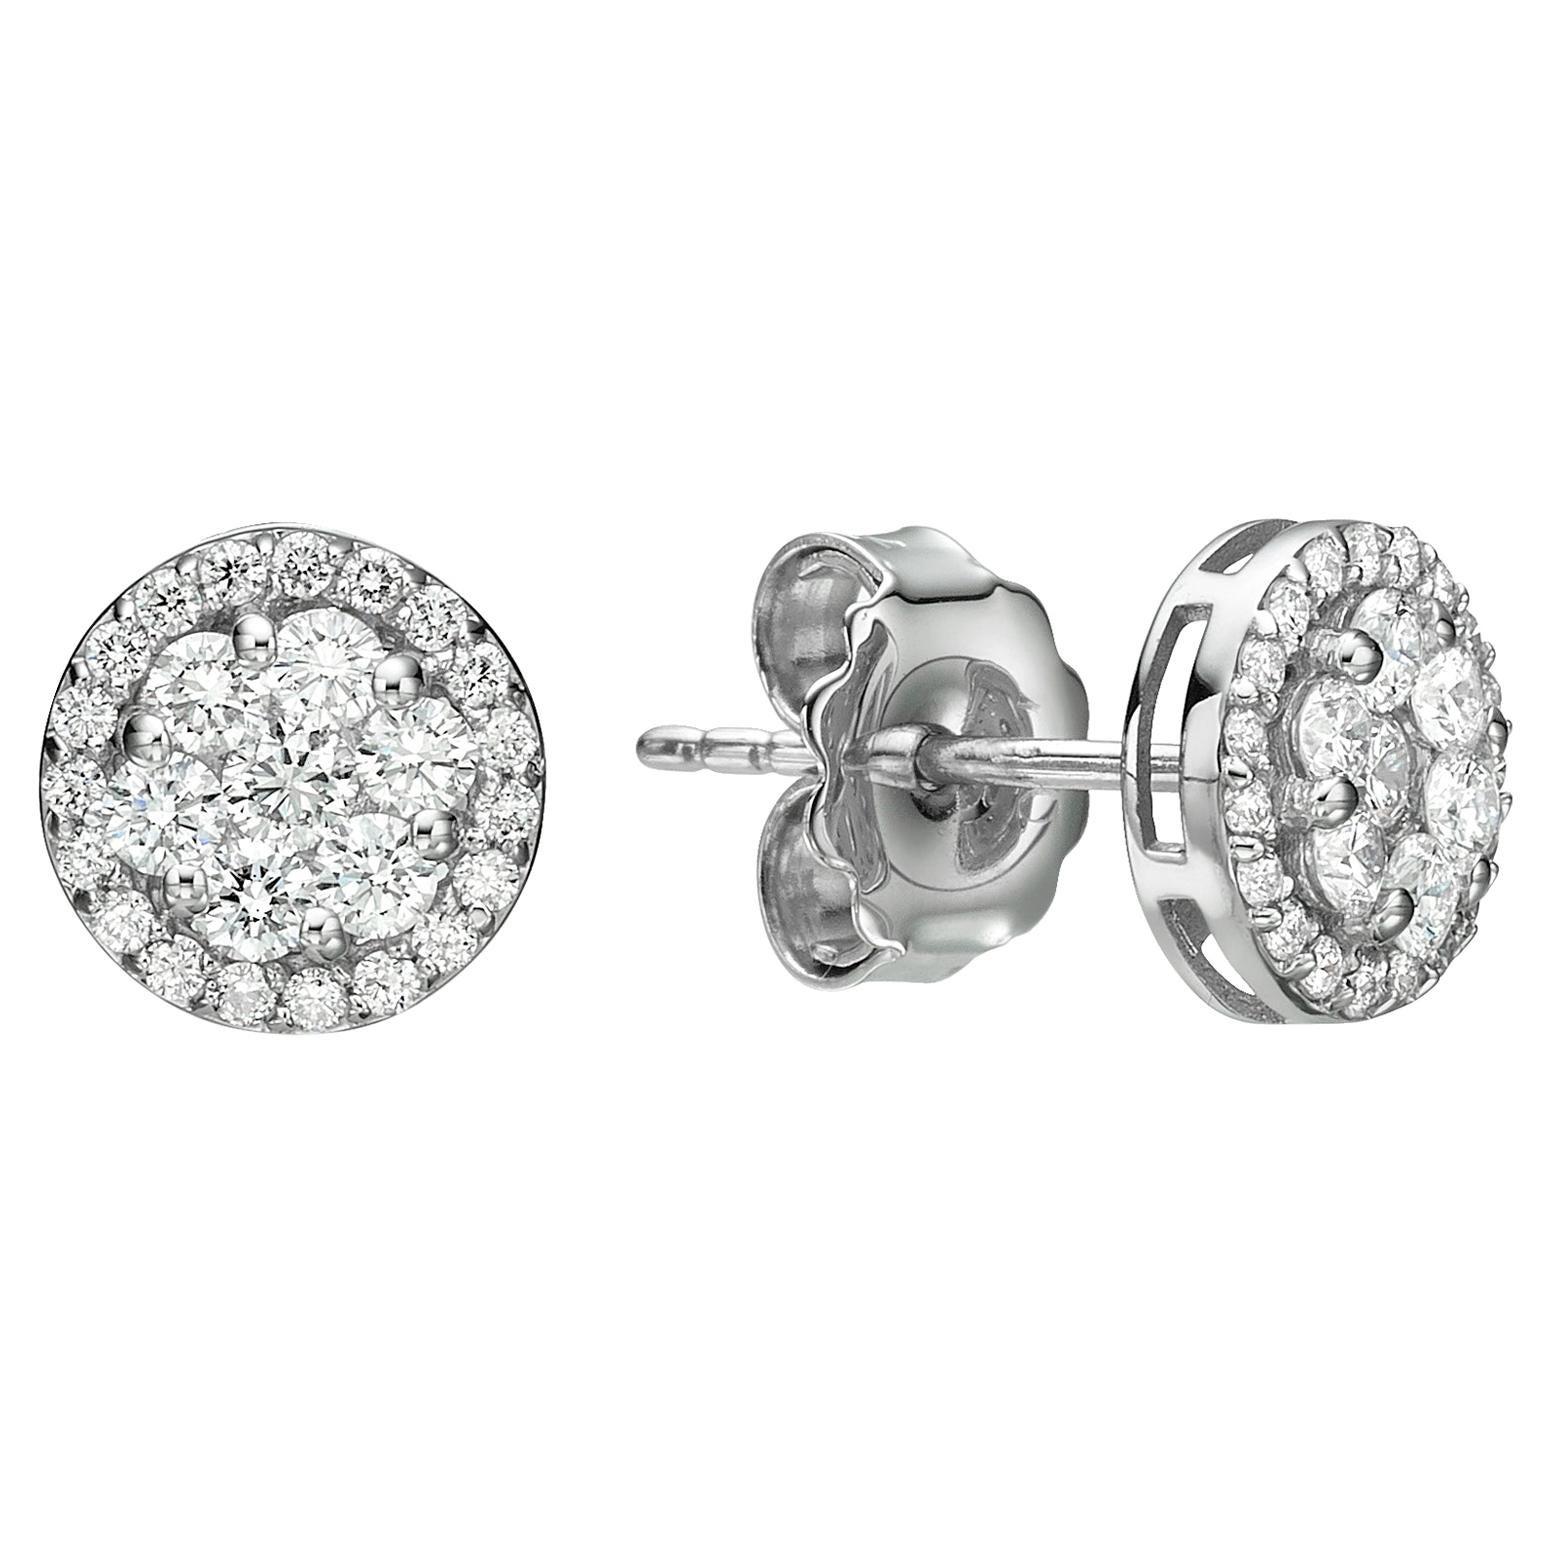 Unique Dainty Stud Diamond Earrings 0.80 Carat 18 Karat Gold Solid Gold Earrings